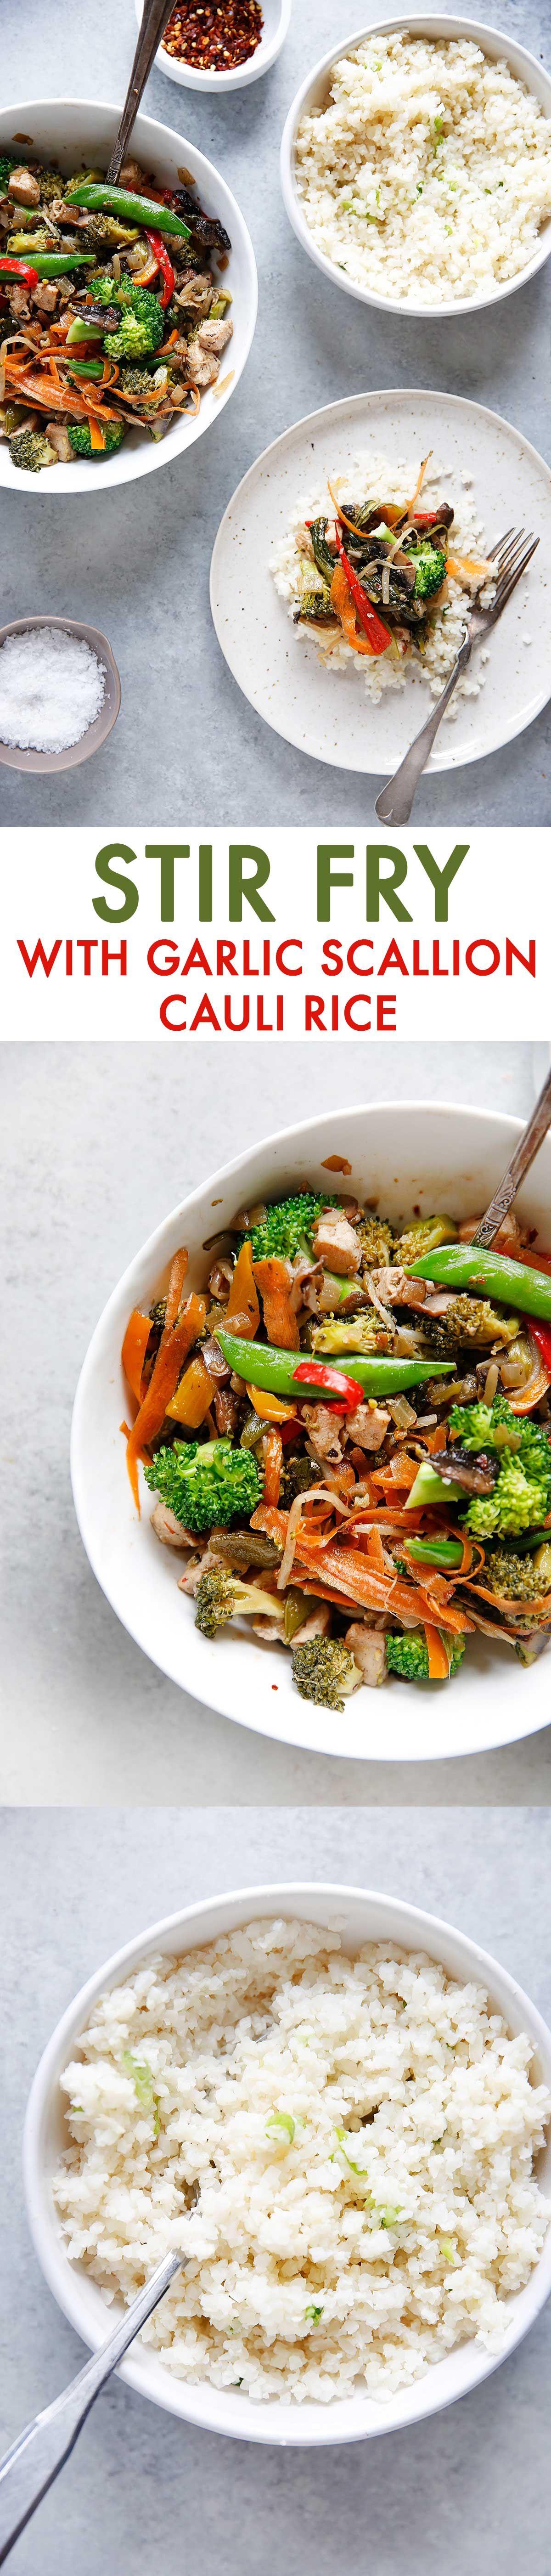 Stir-Fry with Garlic Scallion Cauliflower Rice #lowcarb, #dairyfree, #eggfree, #glutenfree, #stirfry #dinner